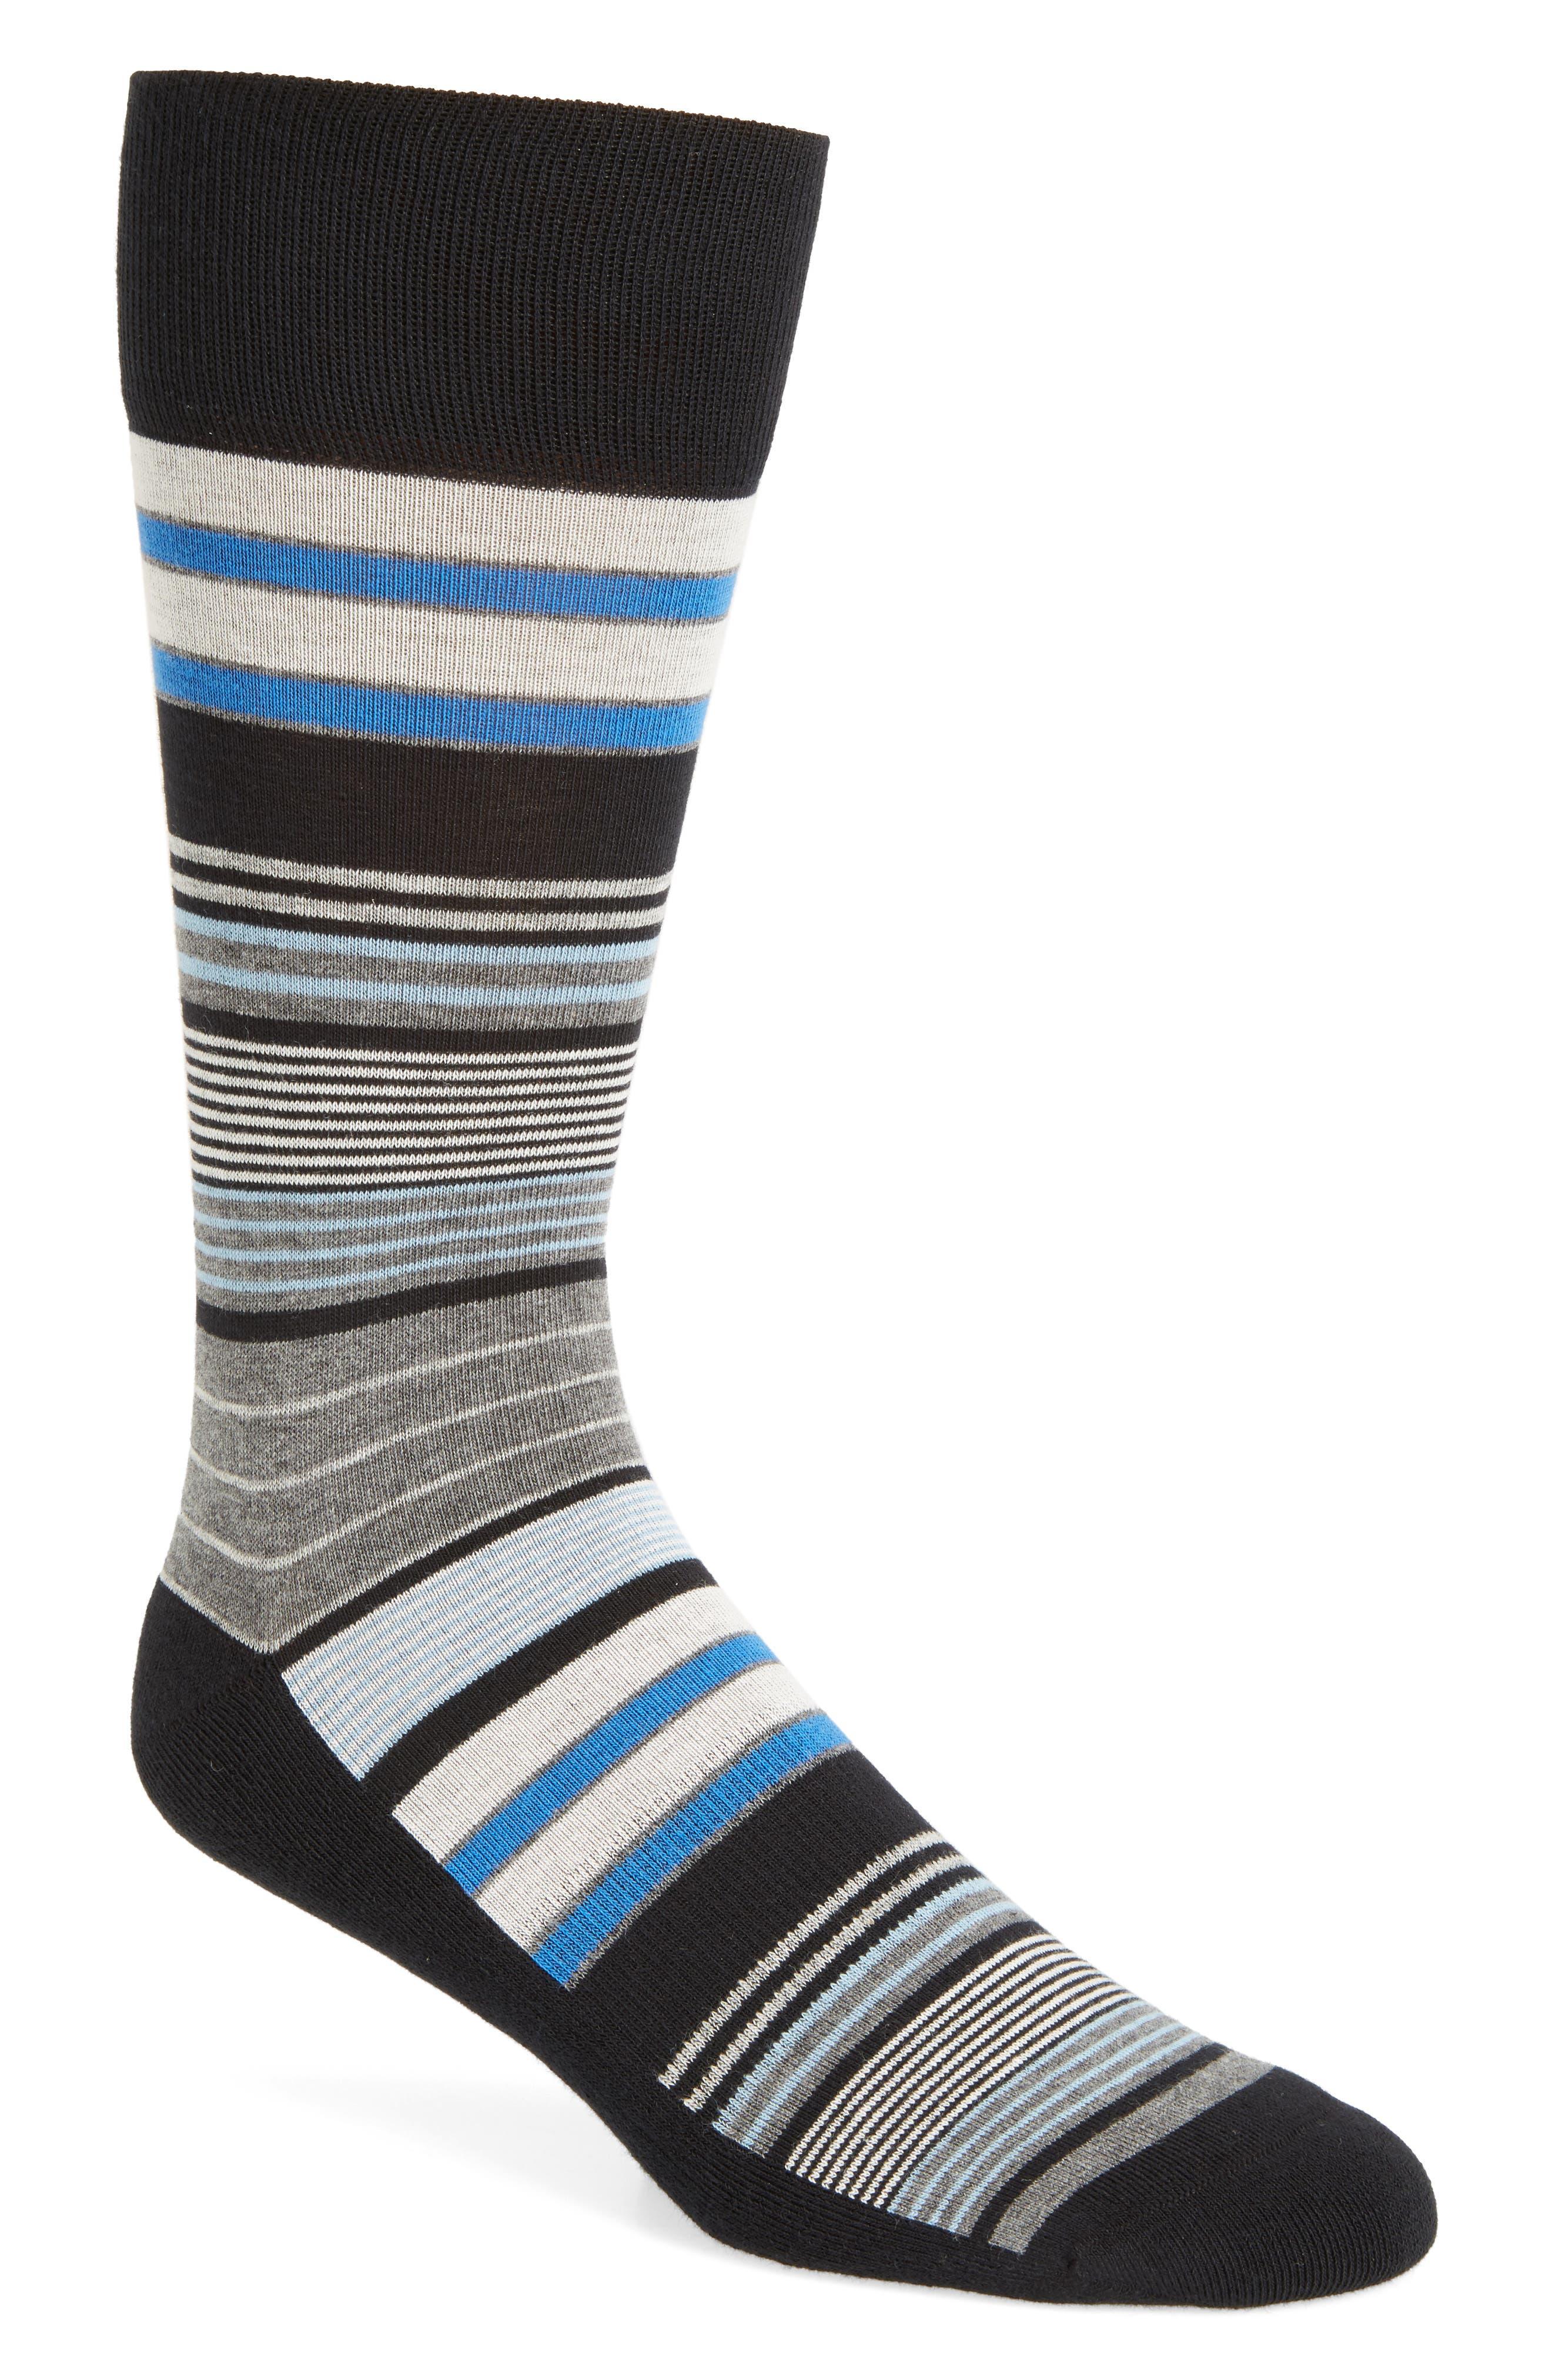 Random Stripe Socks,                         Main,                         color, Black